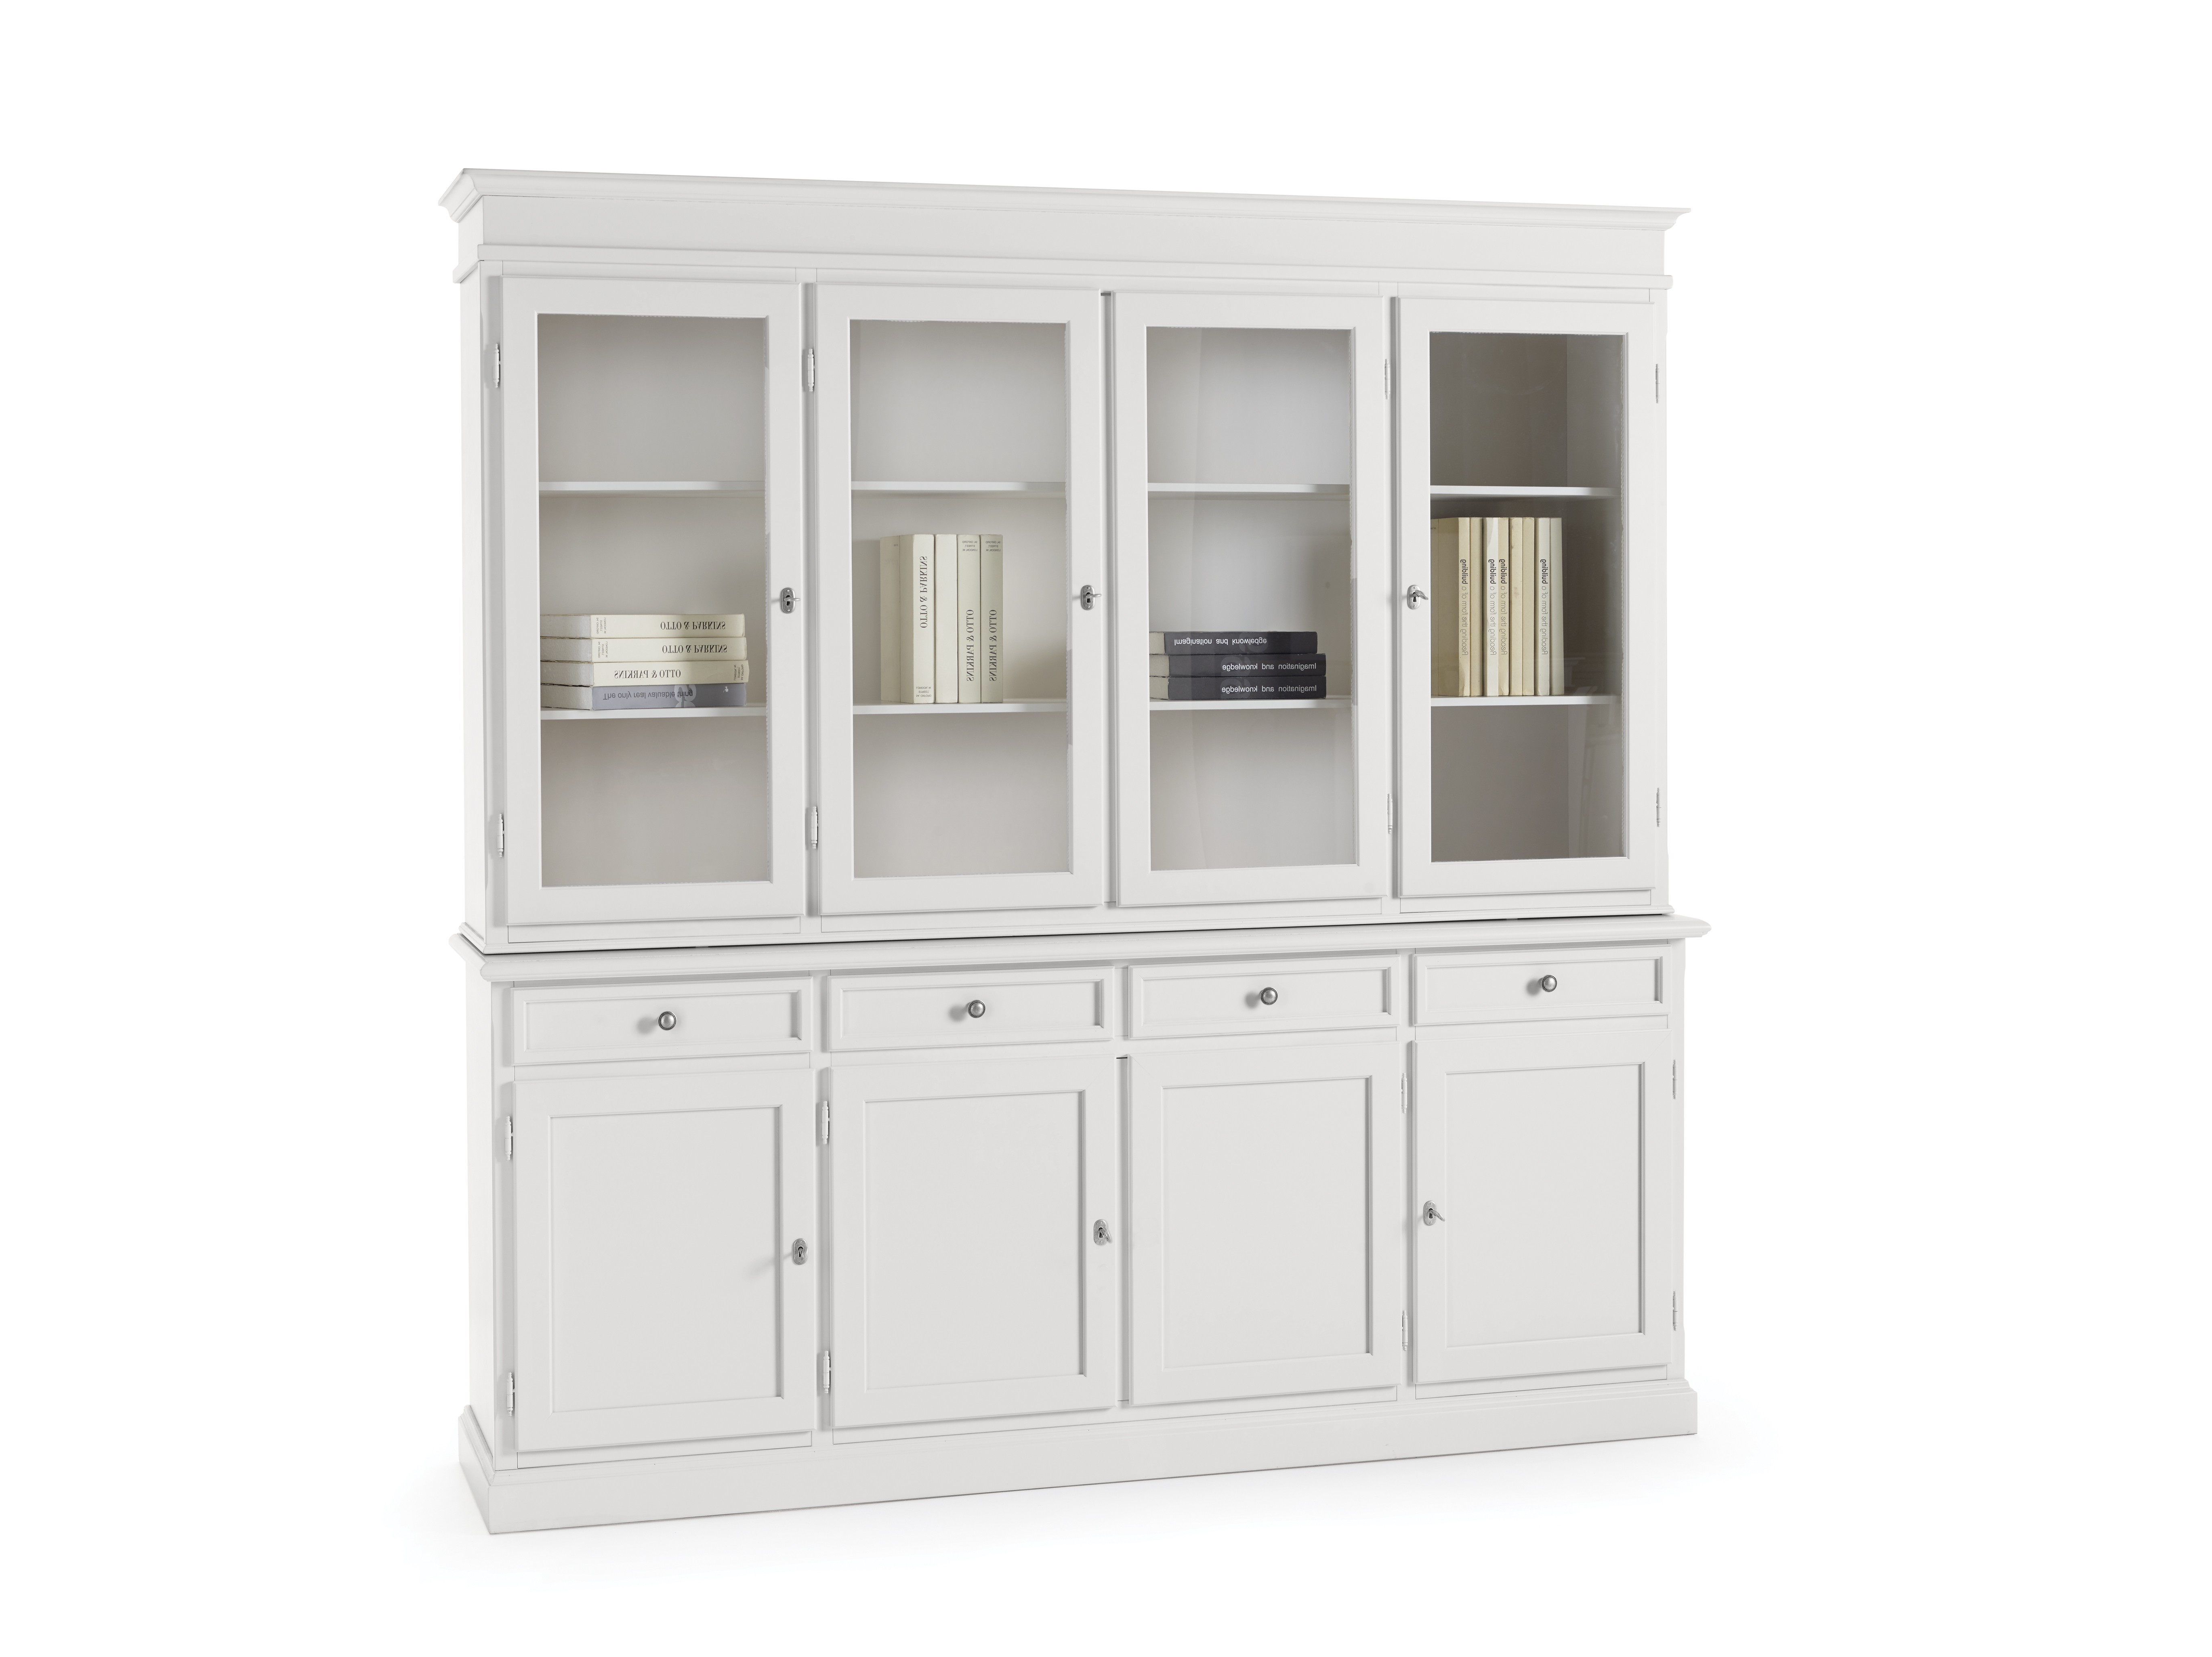 Vetrine E Alzate Moderne Design.Credenza Vetrina Base E Alzata In Legno Colore Bianco